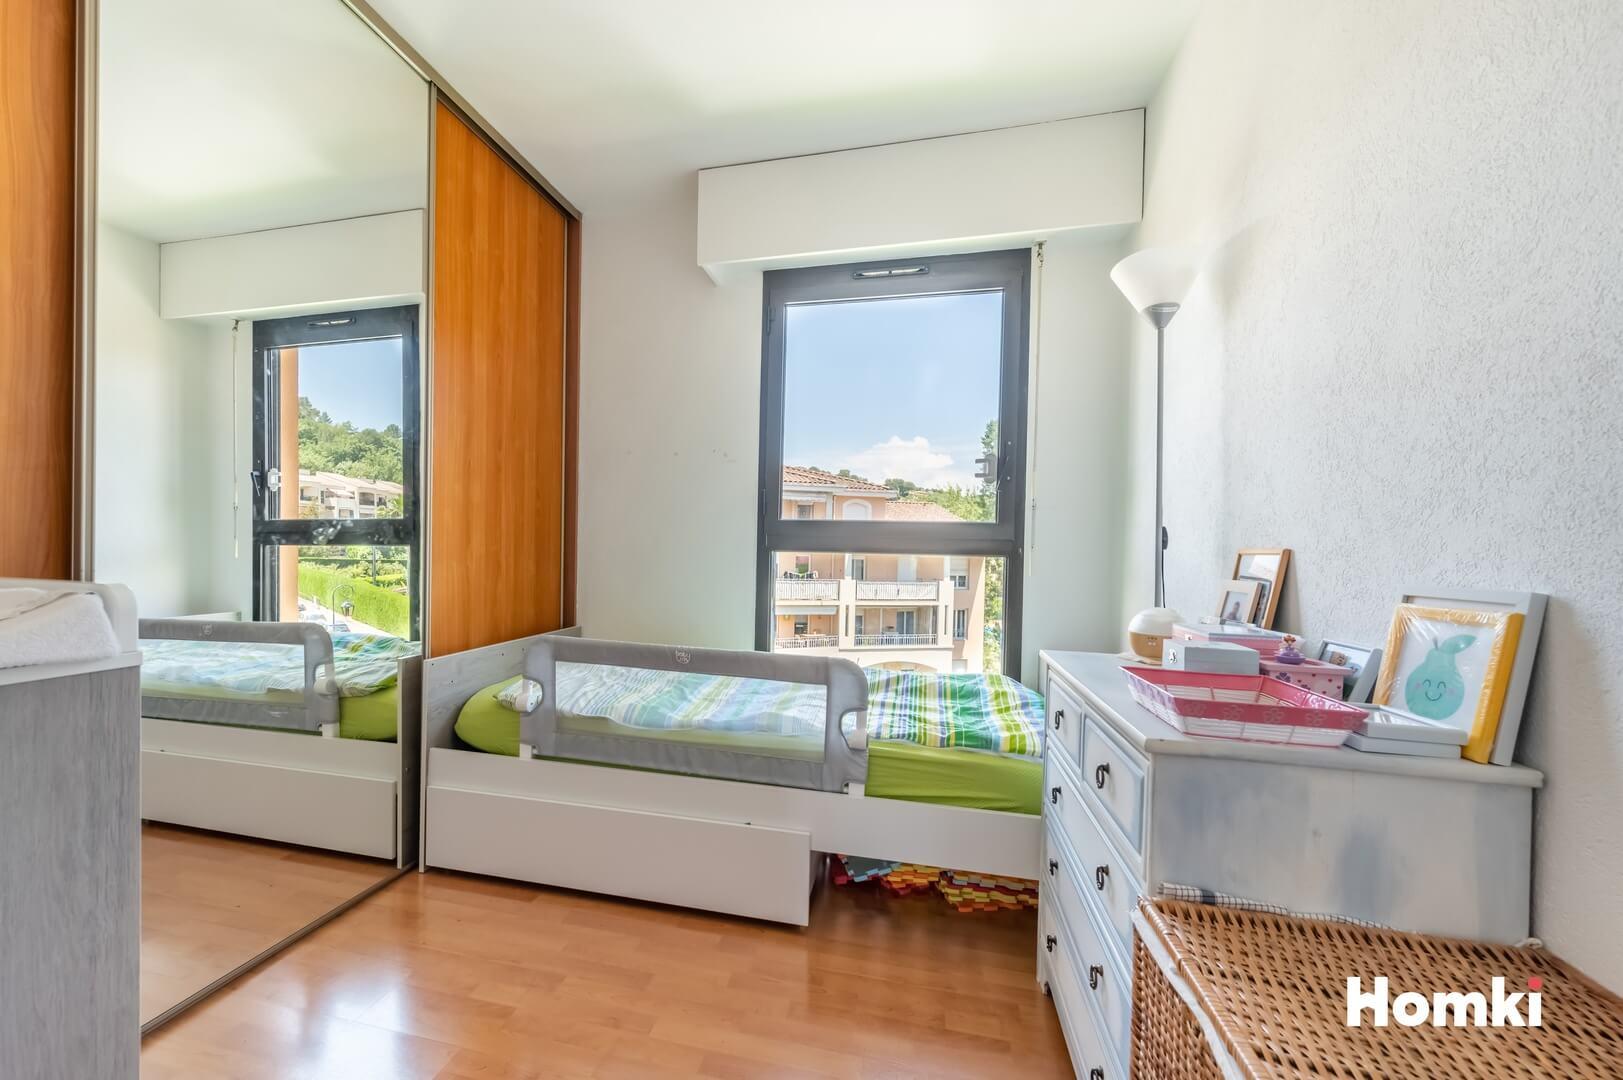 Homki - Vente Appartement  de 85.0 m² à Mougins 06250